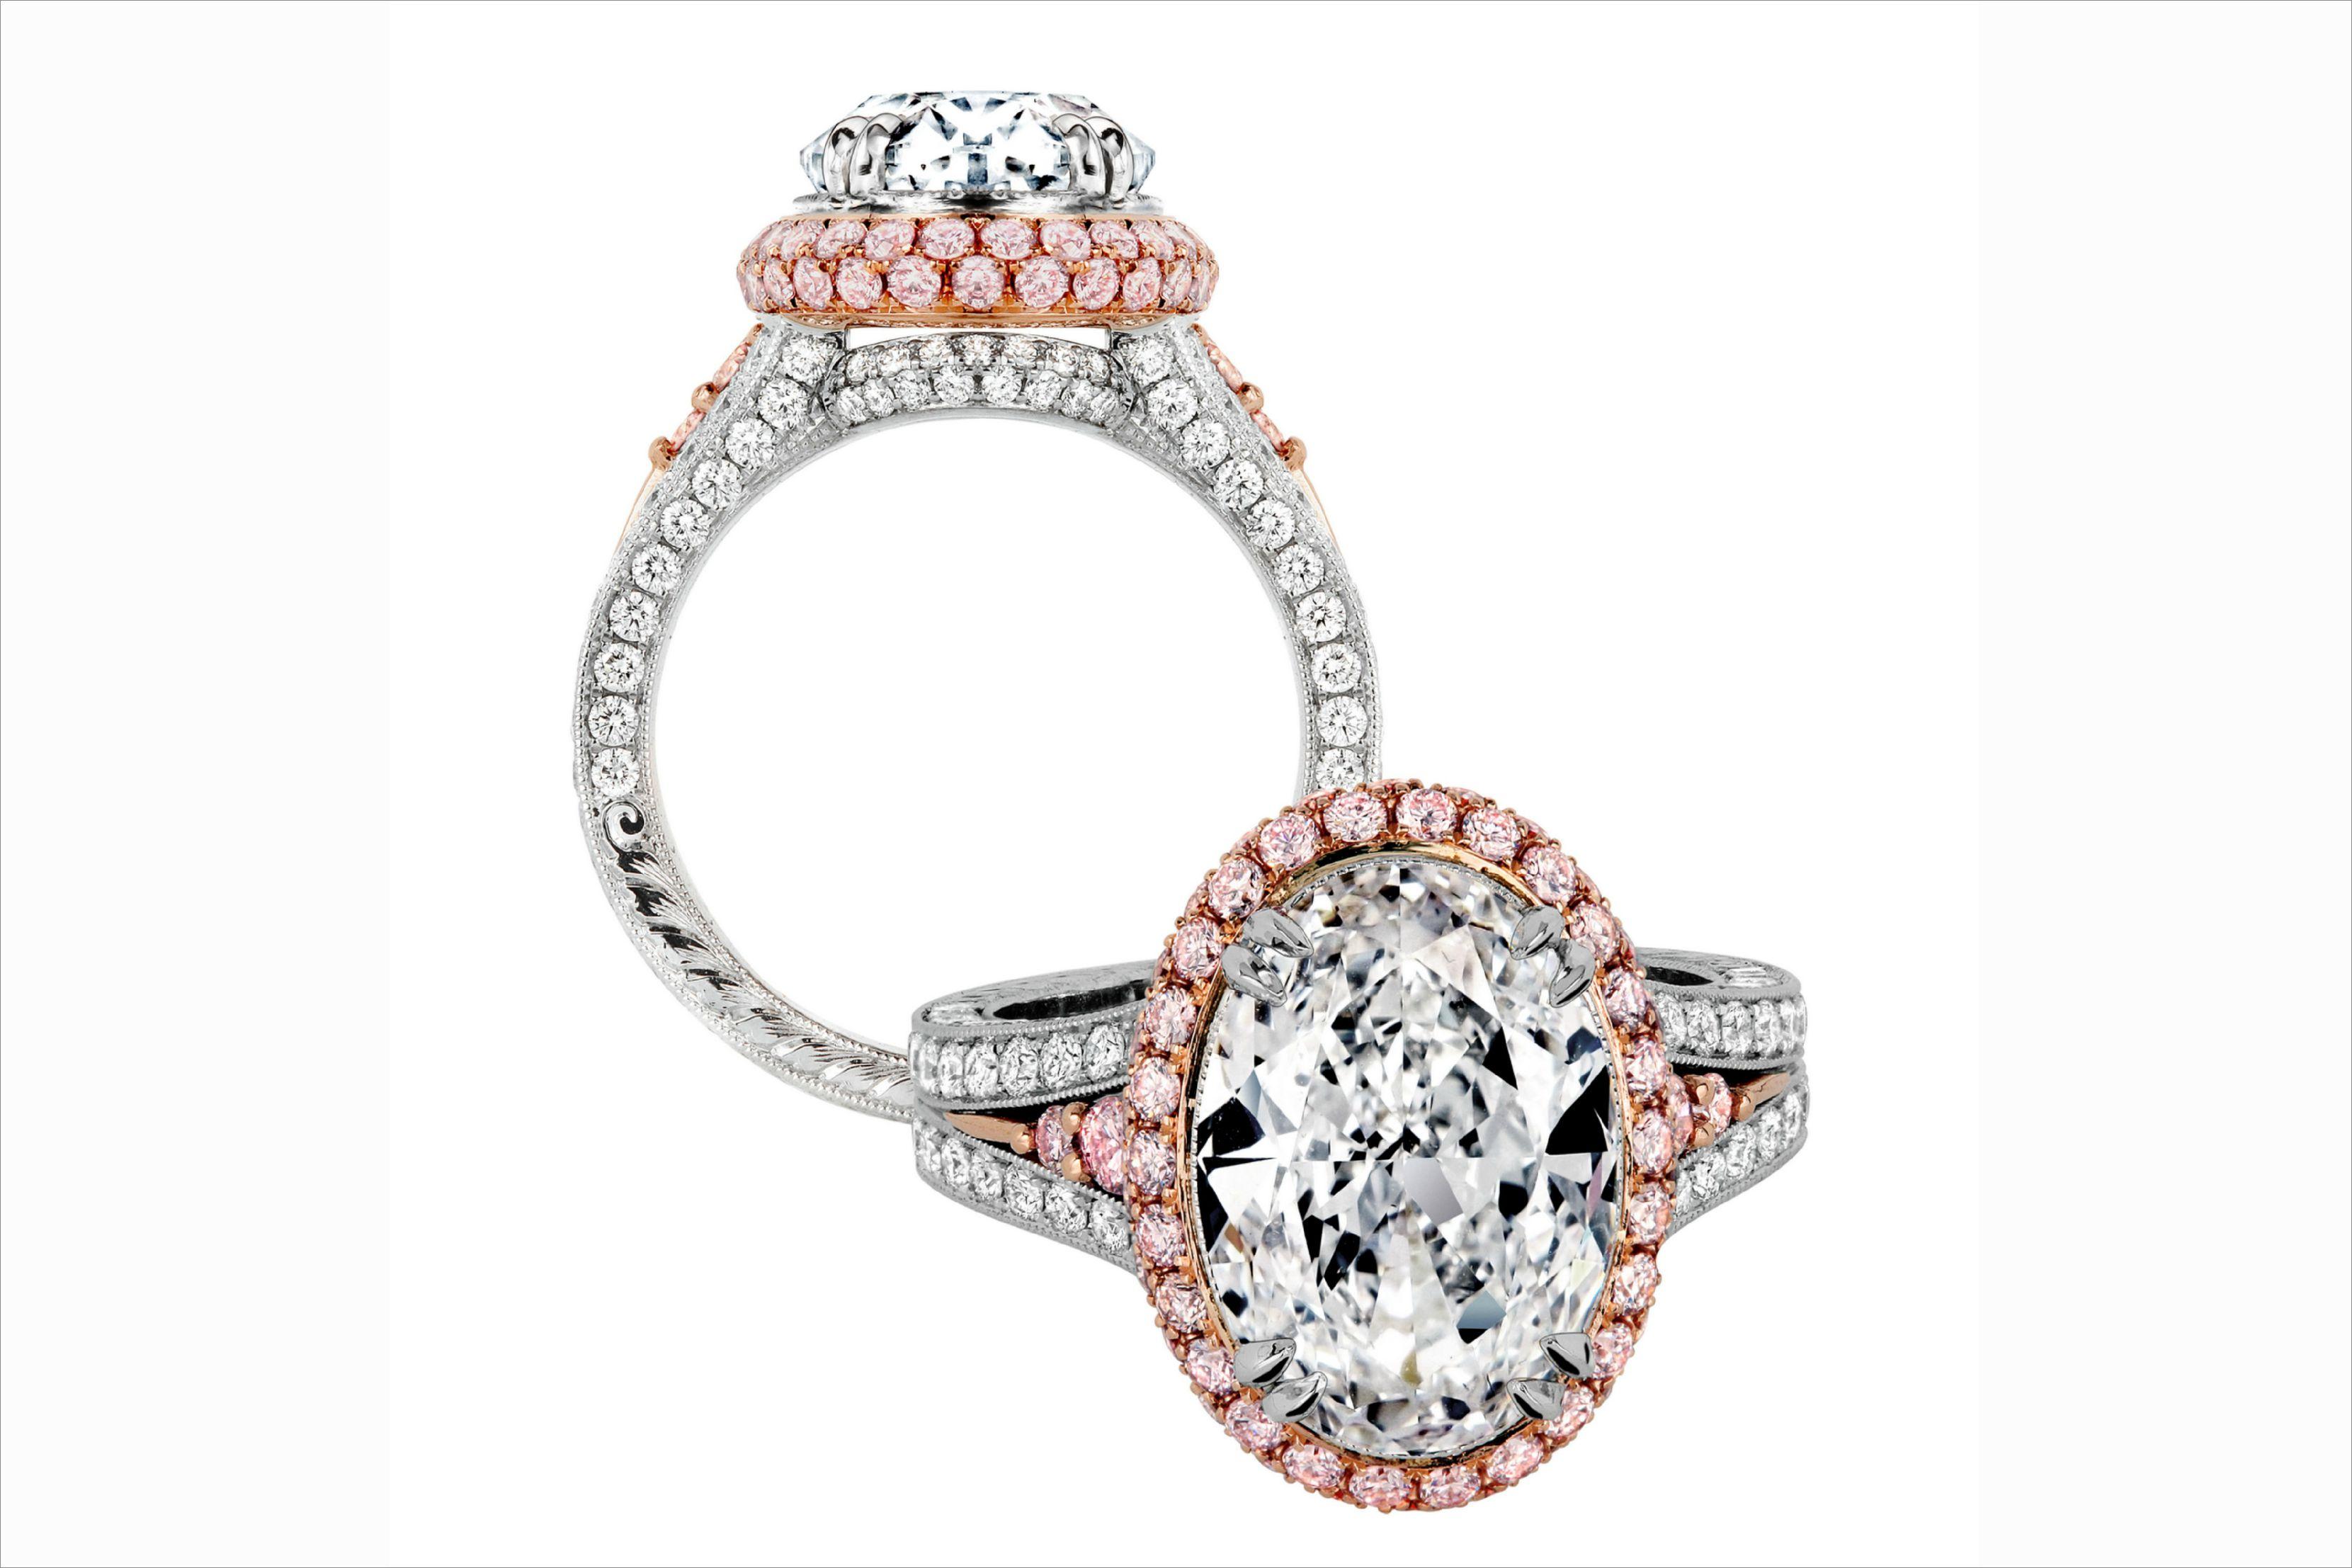 Jack Kelege wedding engagement ring